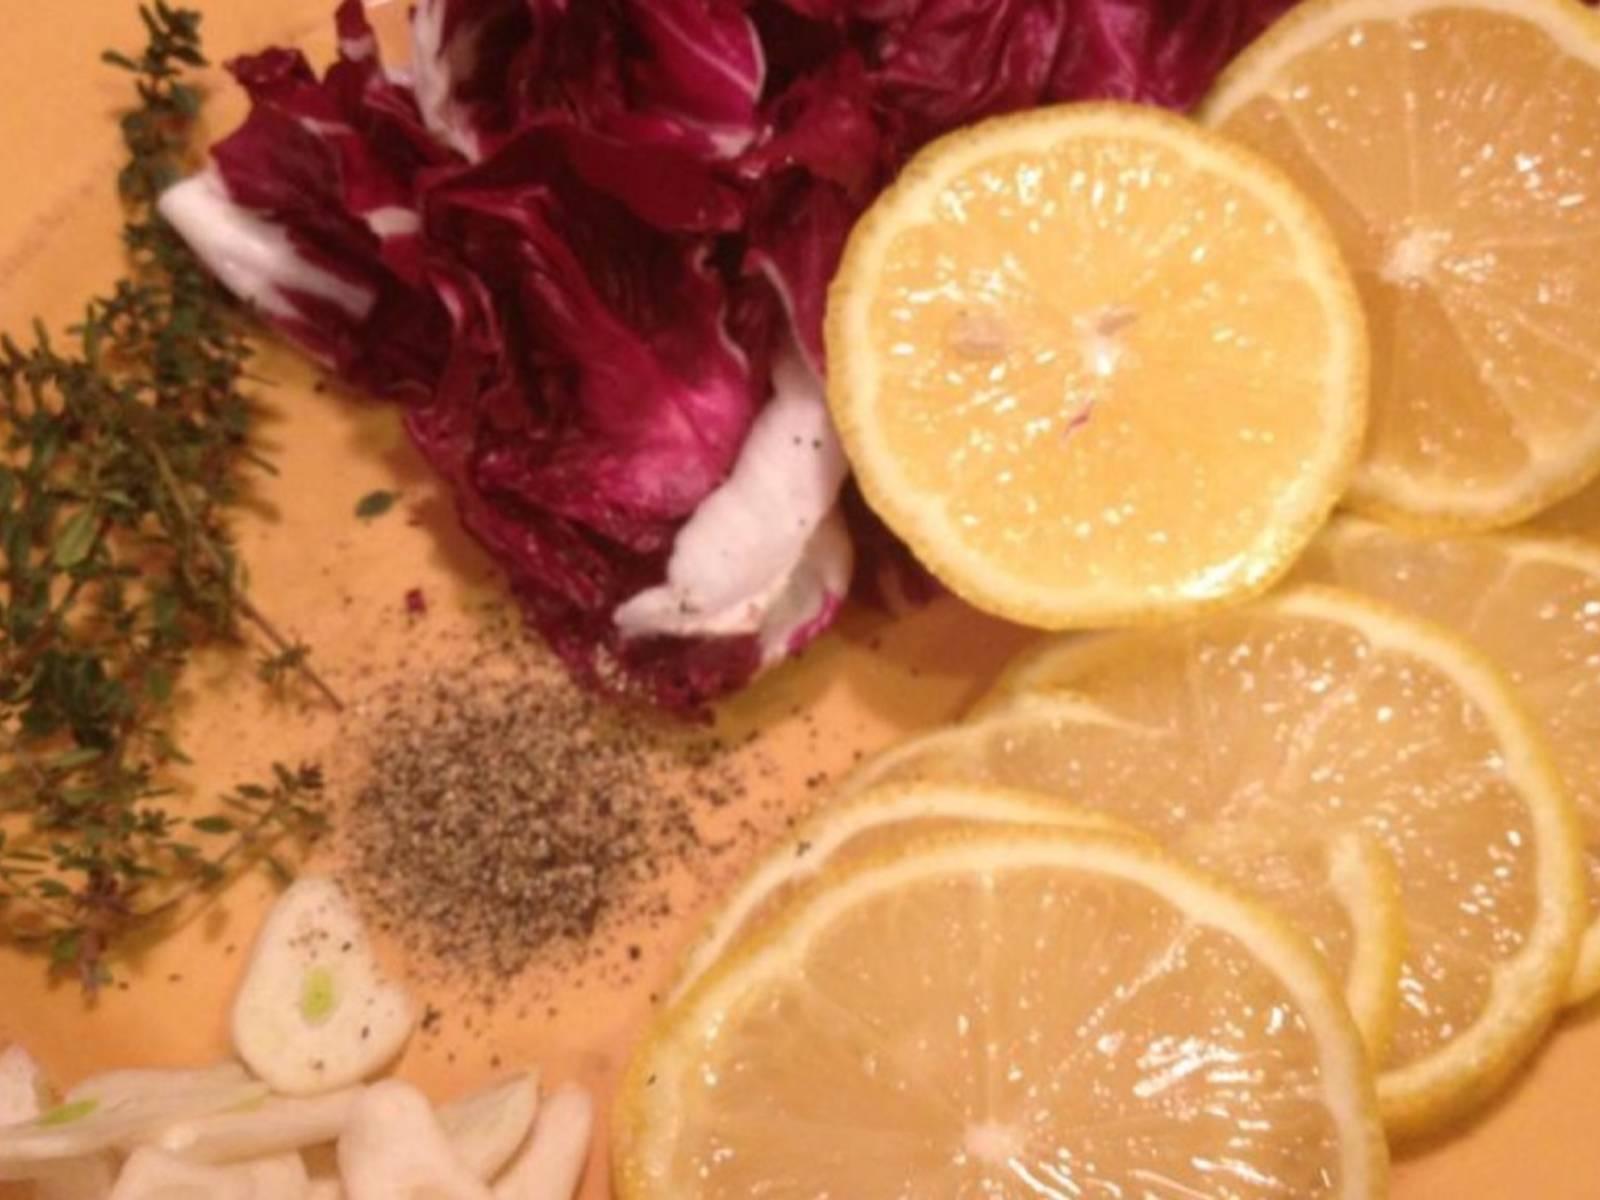 将柠檬和蒜切片,切下菊苣的叶片。